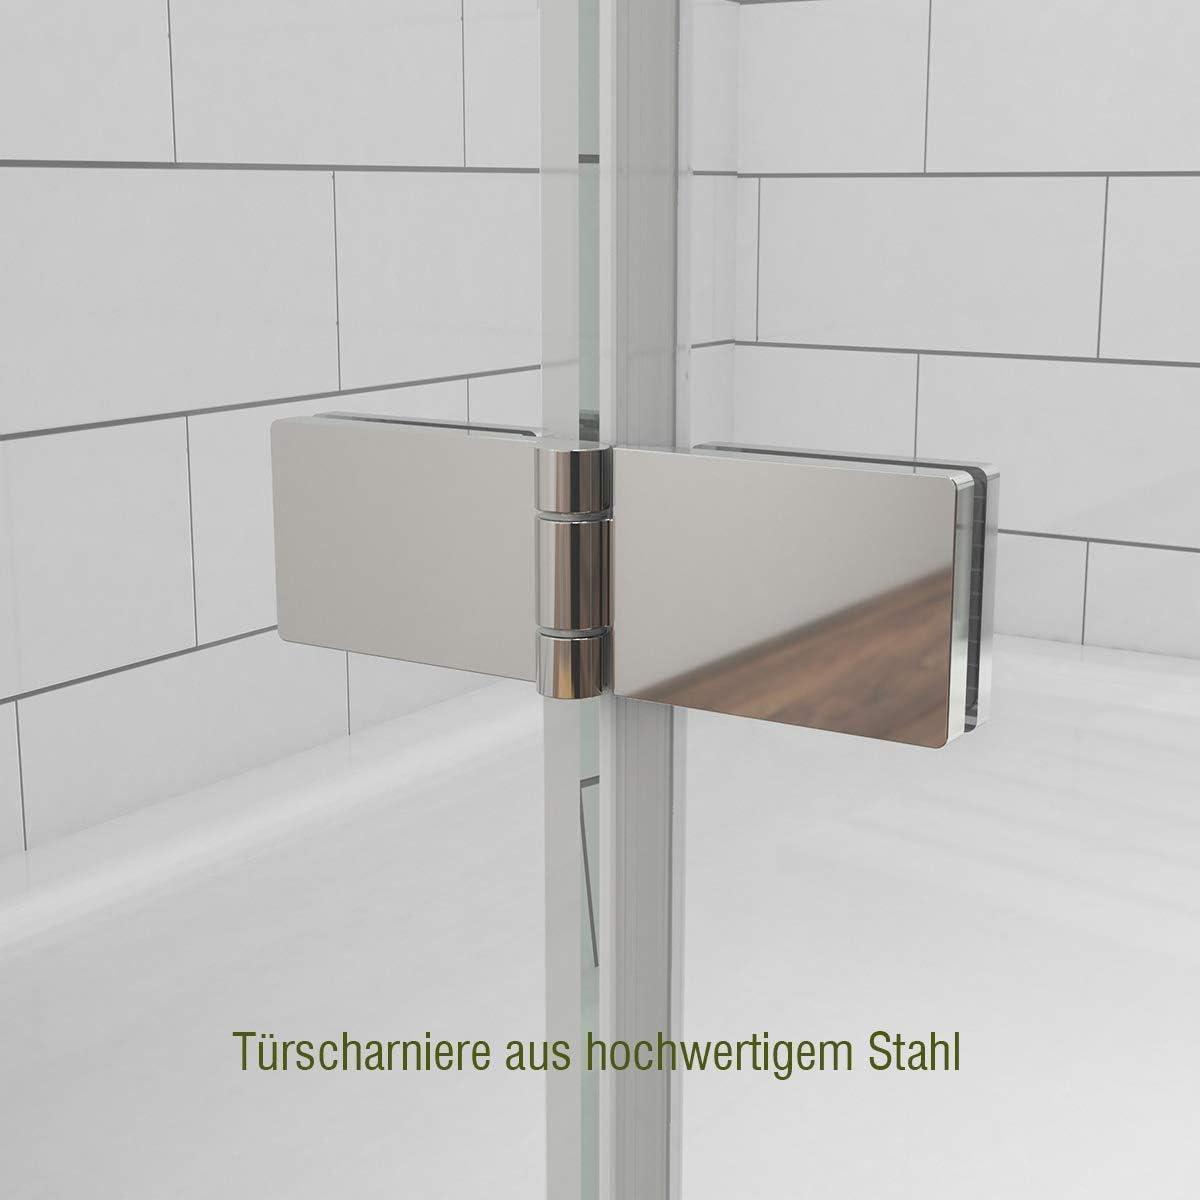 WELMAX Duscht/ür Faltt/ür Dusche Schwingt/ür Scharnier Duschkabine Nischent/ür 70 cm Duschabtrennung Klarglas 6mm ESG Sicherheitsglas H/öhe 185cm